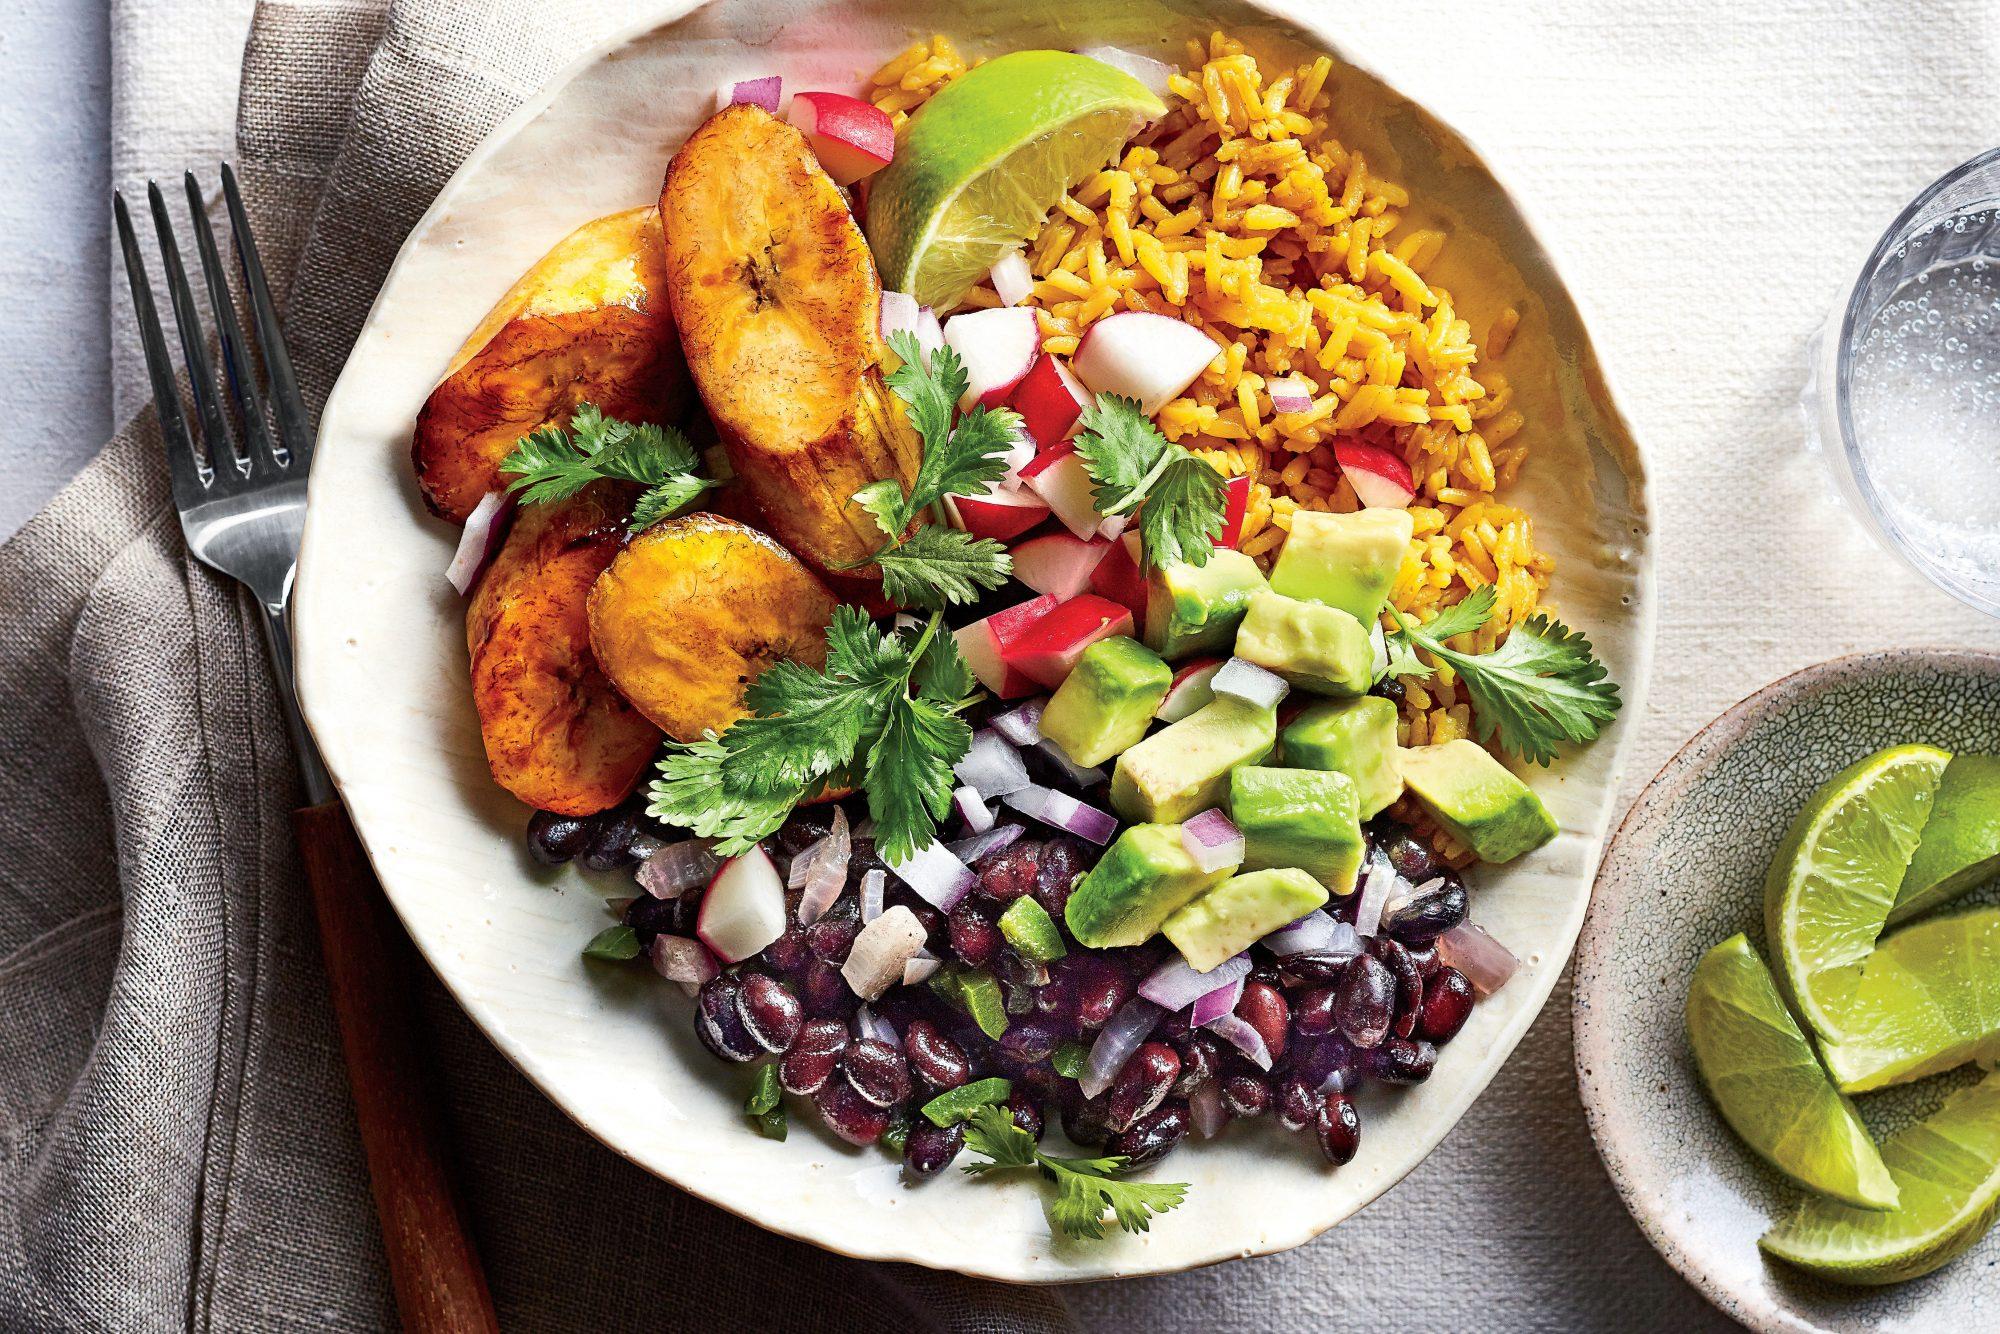 Cuban Black Bean-and-Yellow Rice Bowls